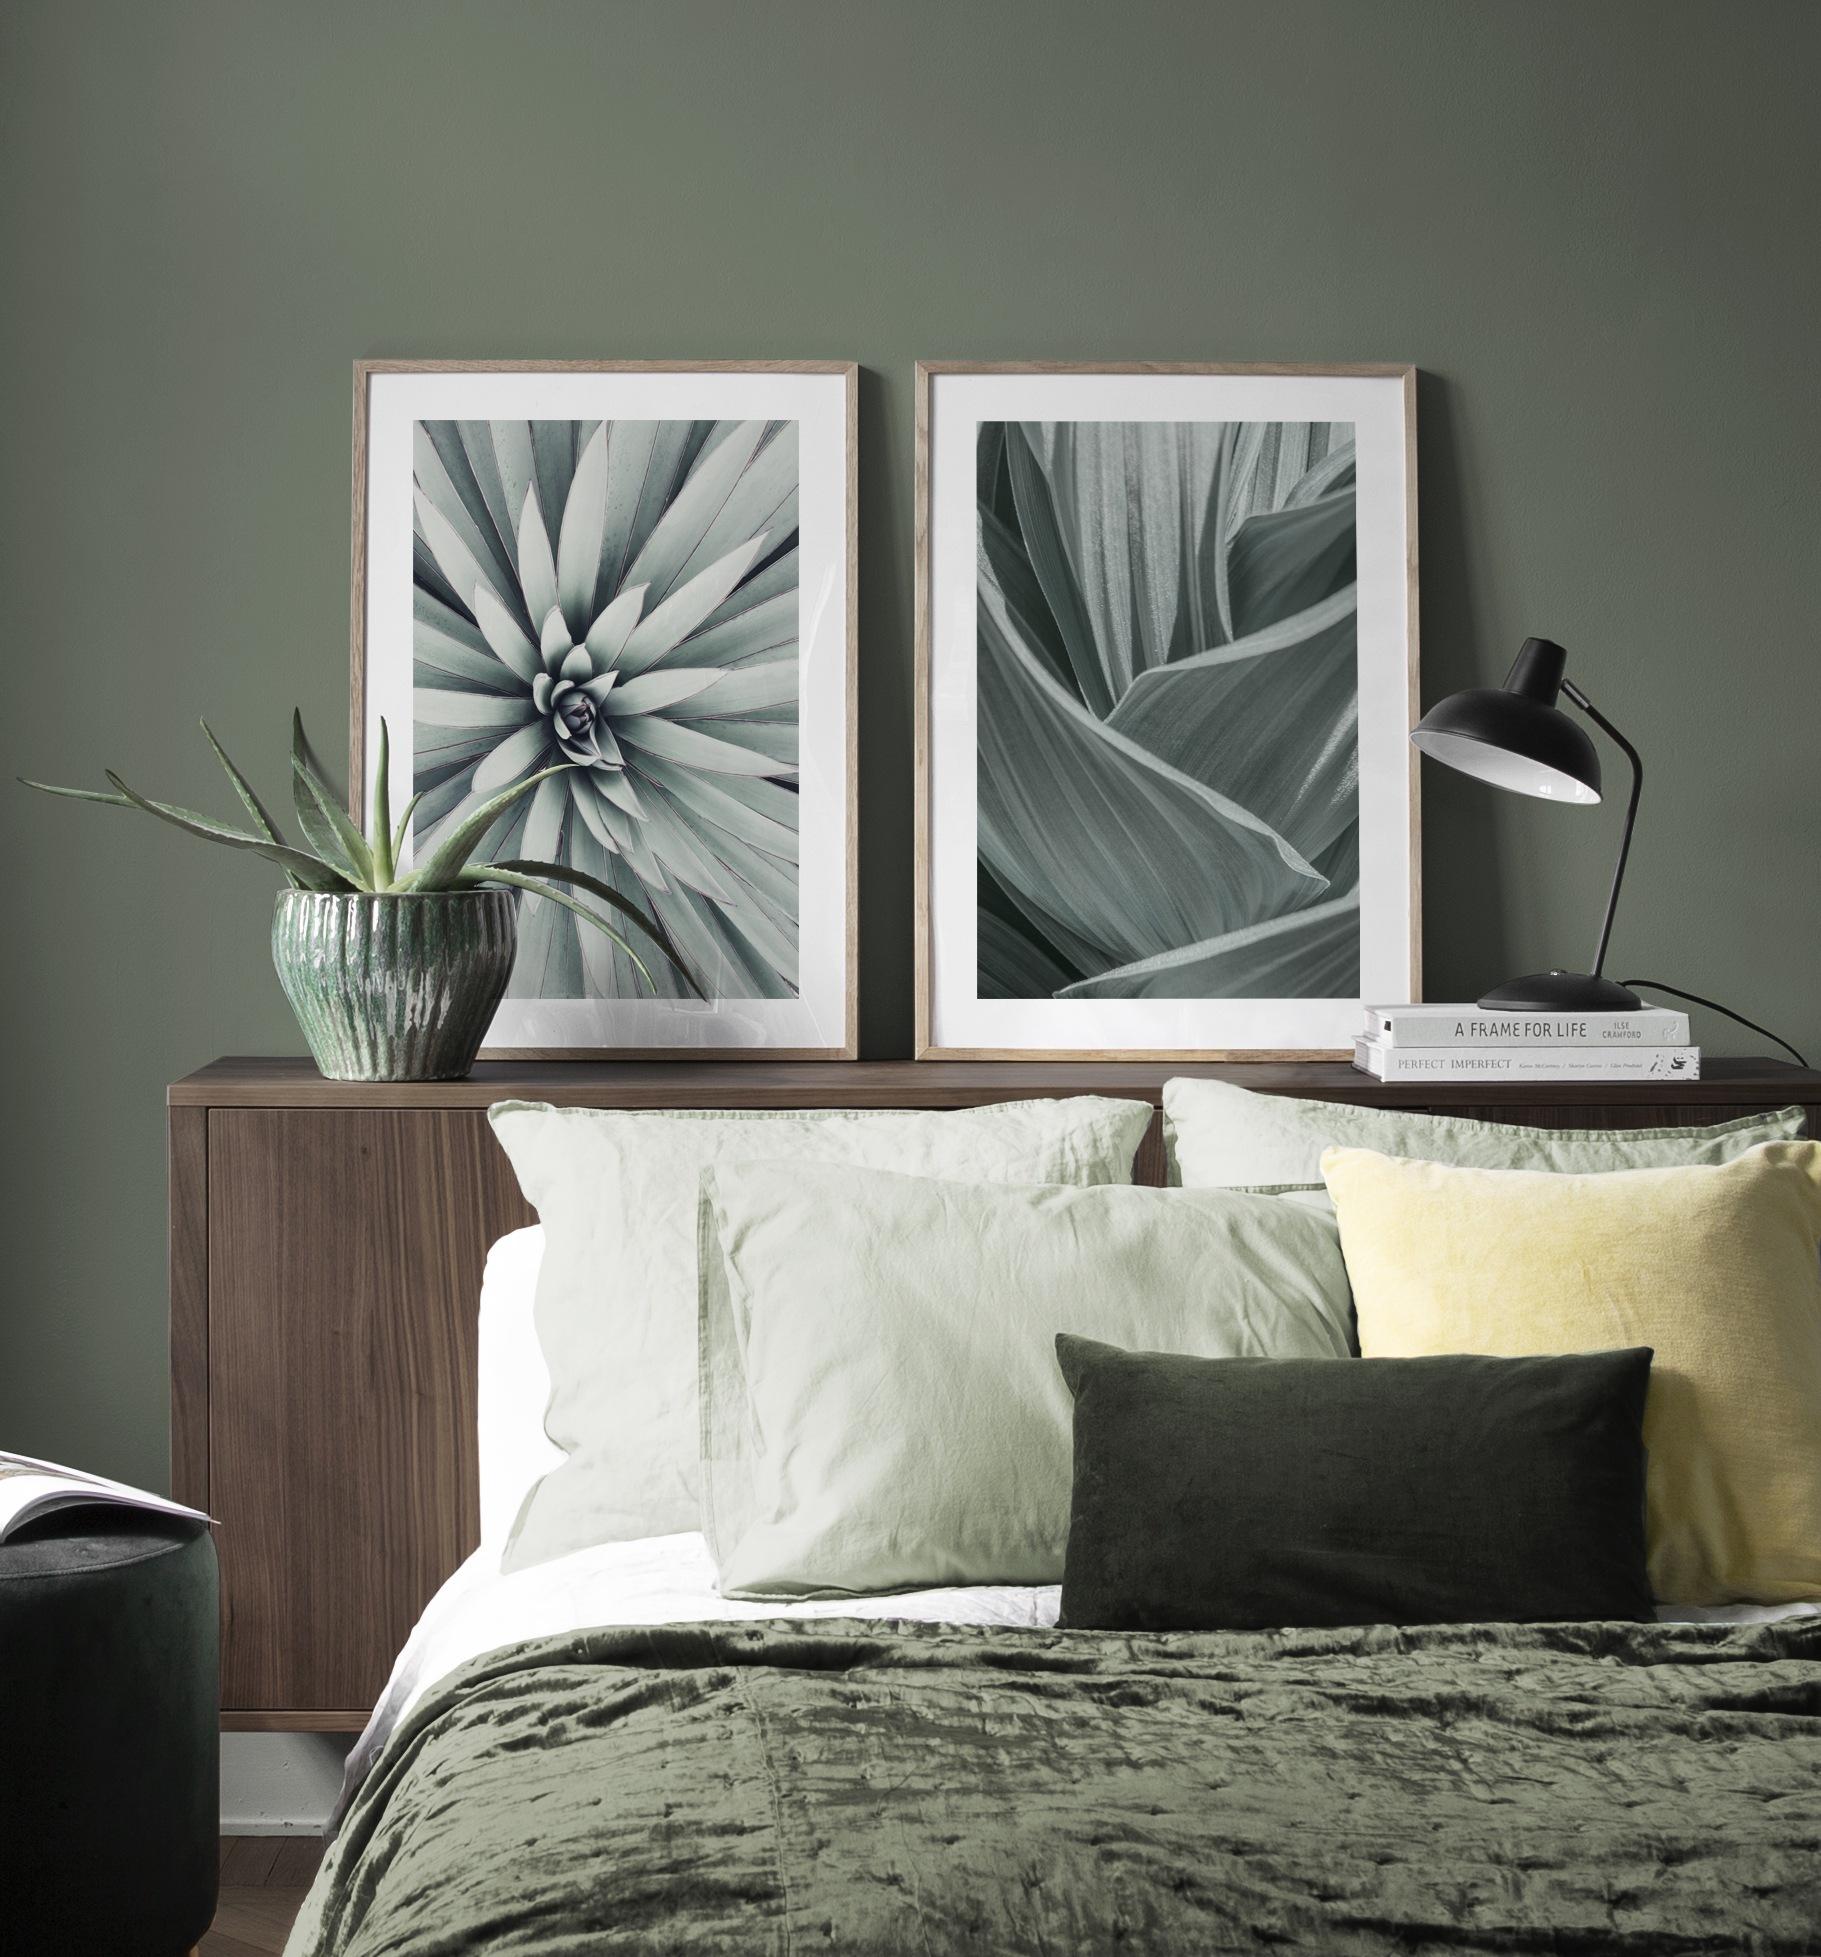 Wohnliche Schlafzimmerdekoration in Grün